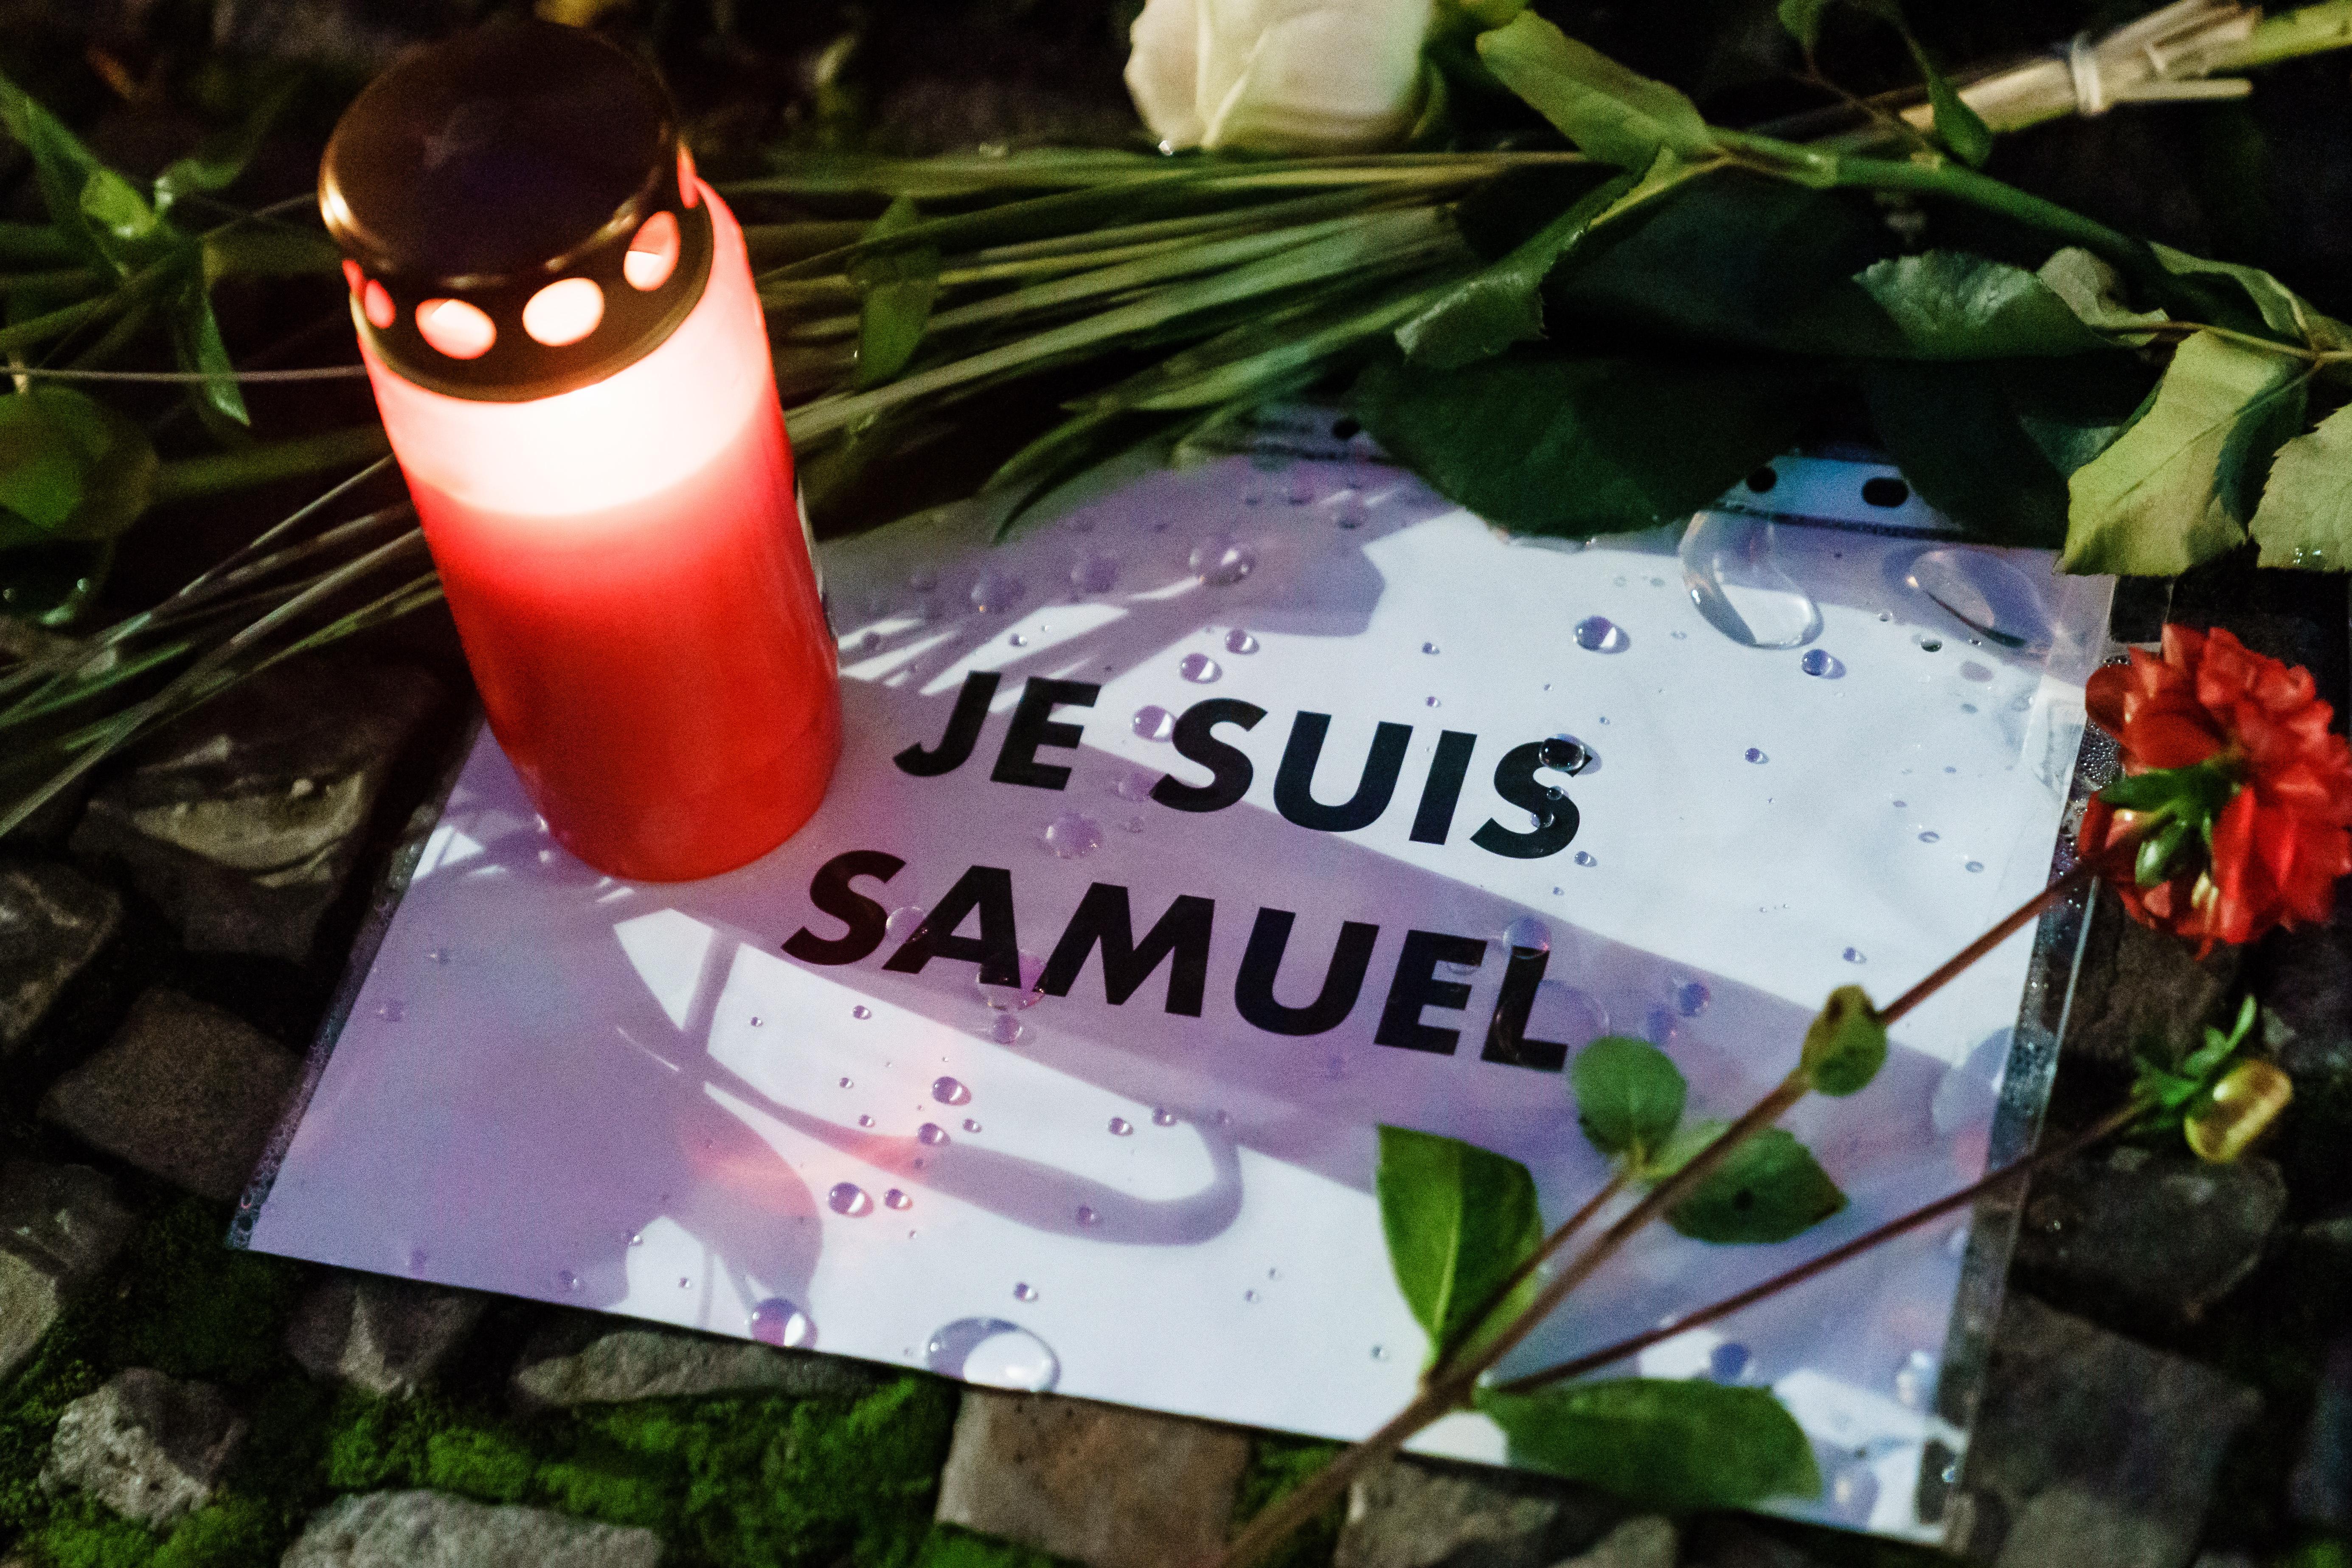 Рэпера из Франции обвинили в оправдании терроризма из-за упоминания убийства учителя